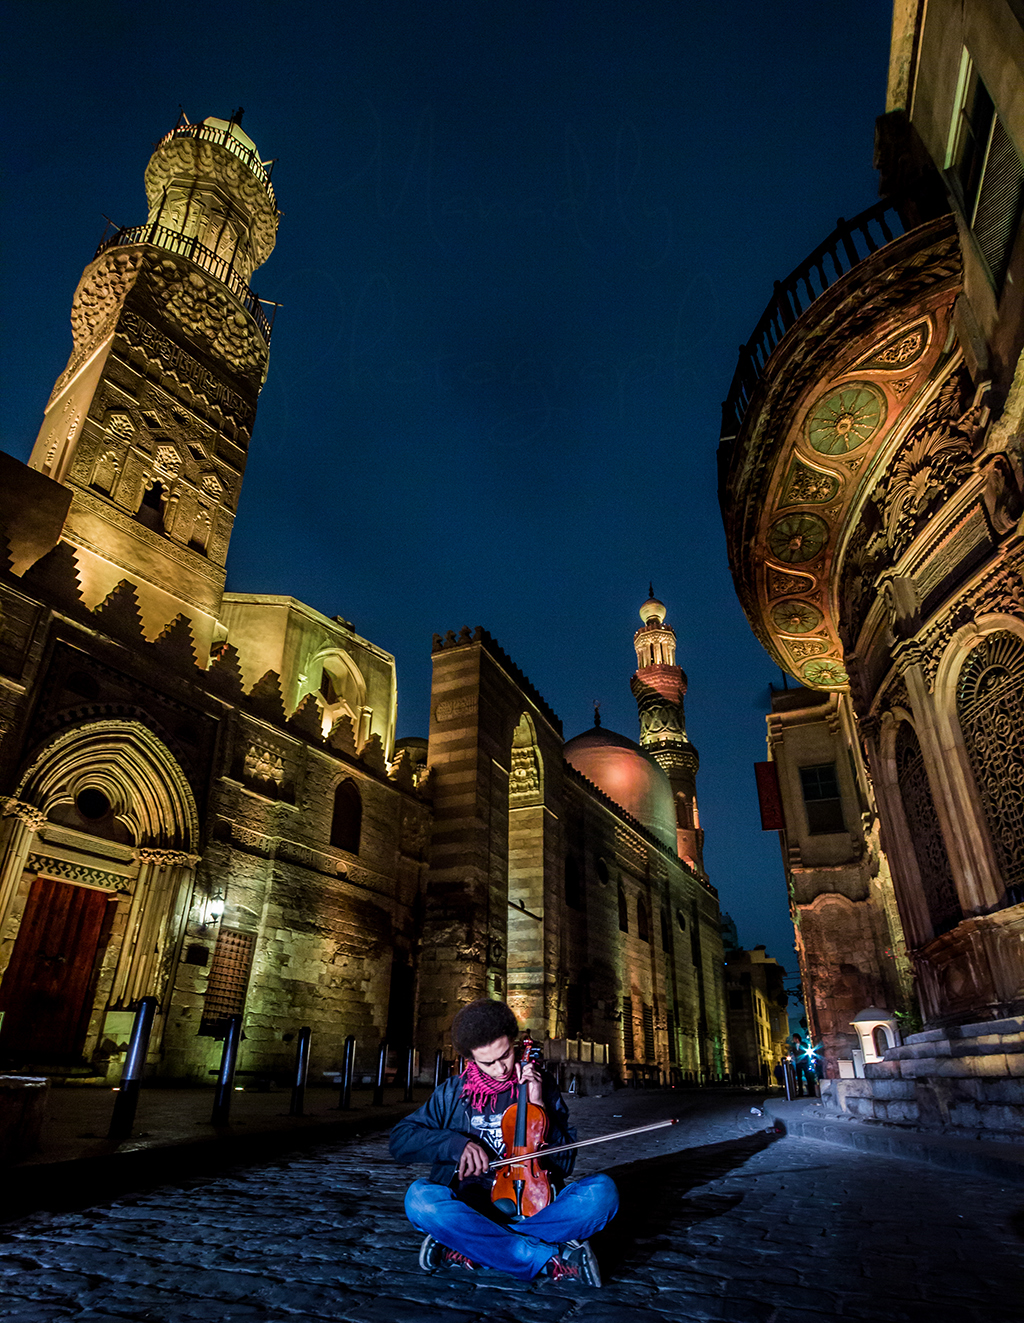 بالصور صور عن مصر , اجمل صور تحدثت عن مصر 3691 8